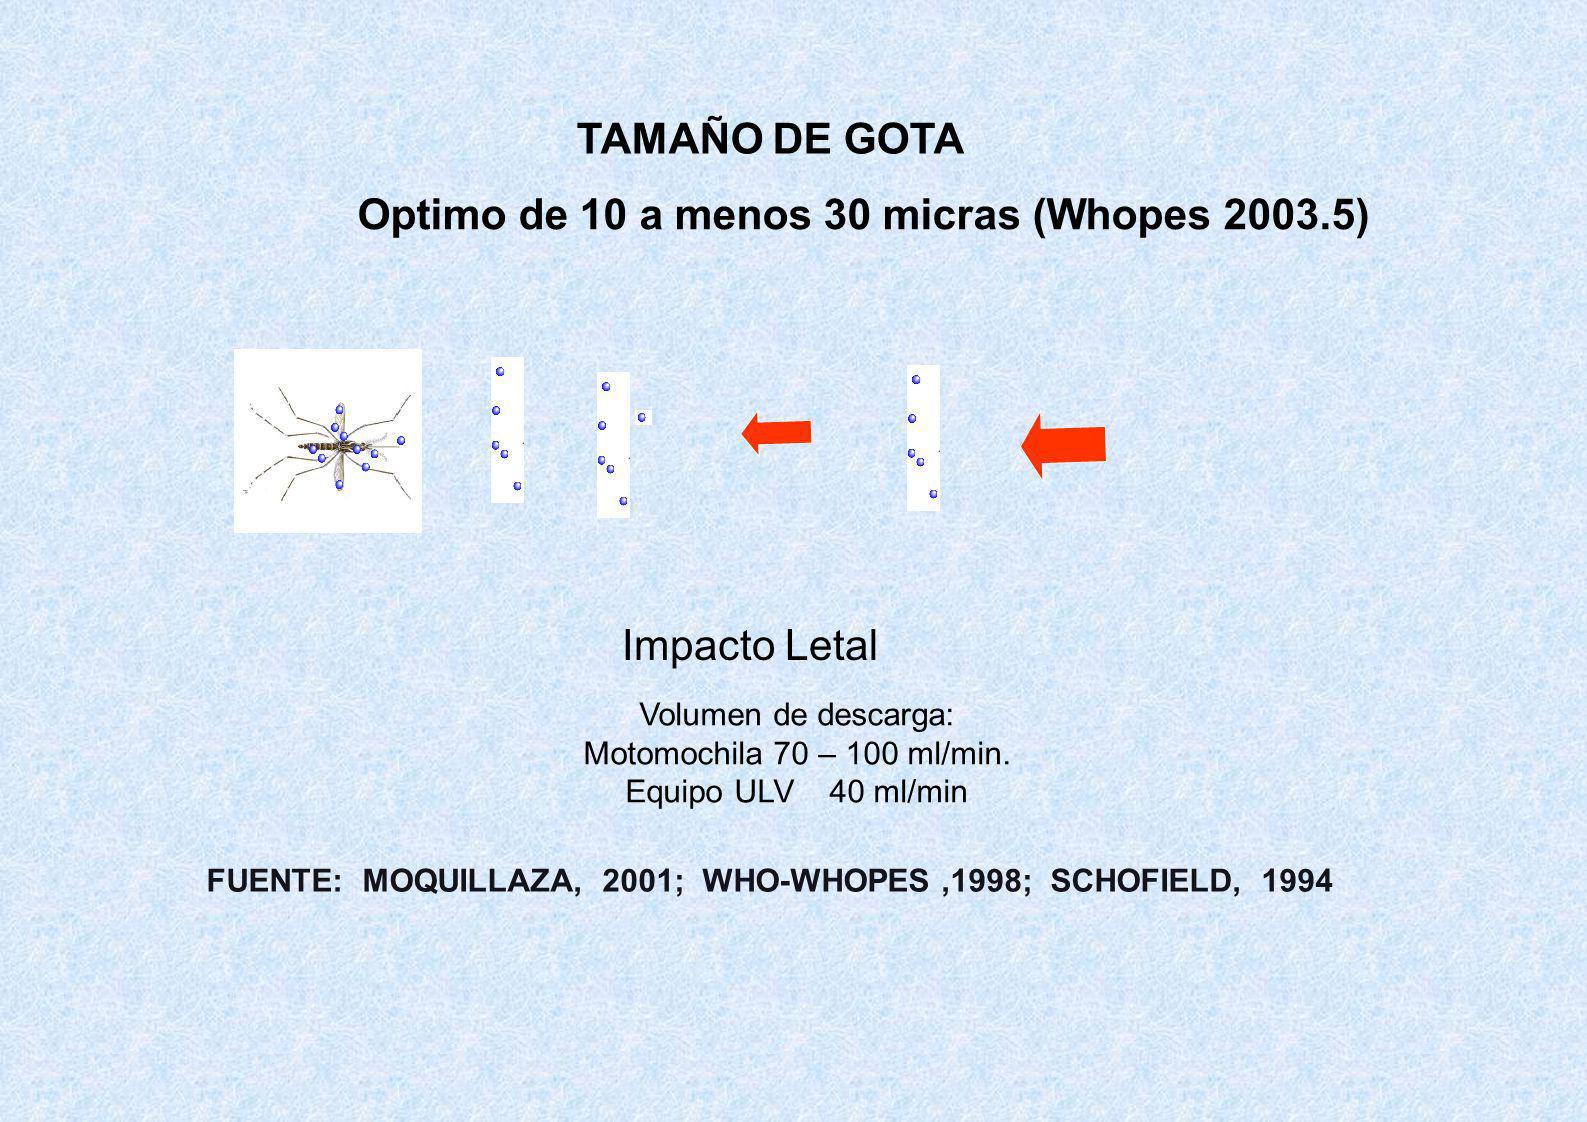 TAMAÑO DE GOTA Optimo de 10 a menos 30 micras (Whopes 2003.5) Impacto Letal Volumen de descarga: Motomochila 70 – 100 ml/min.